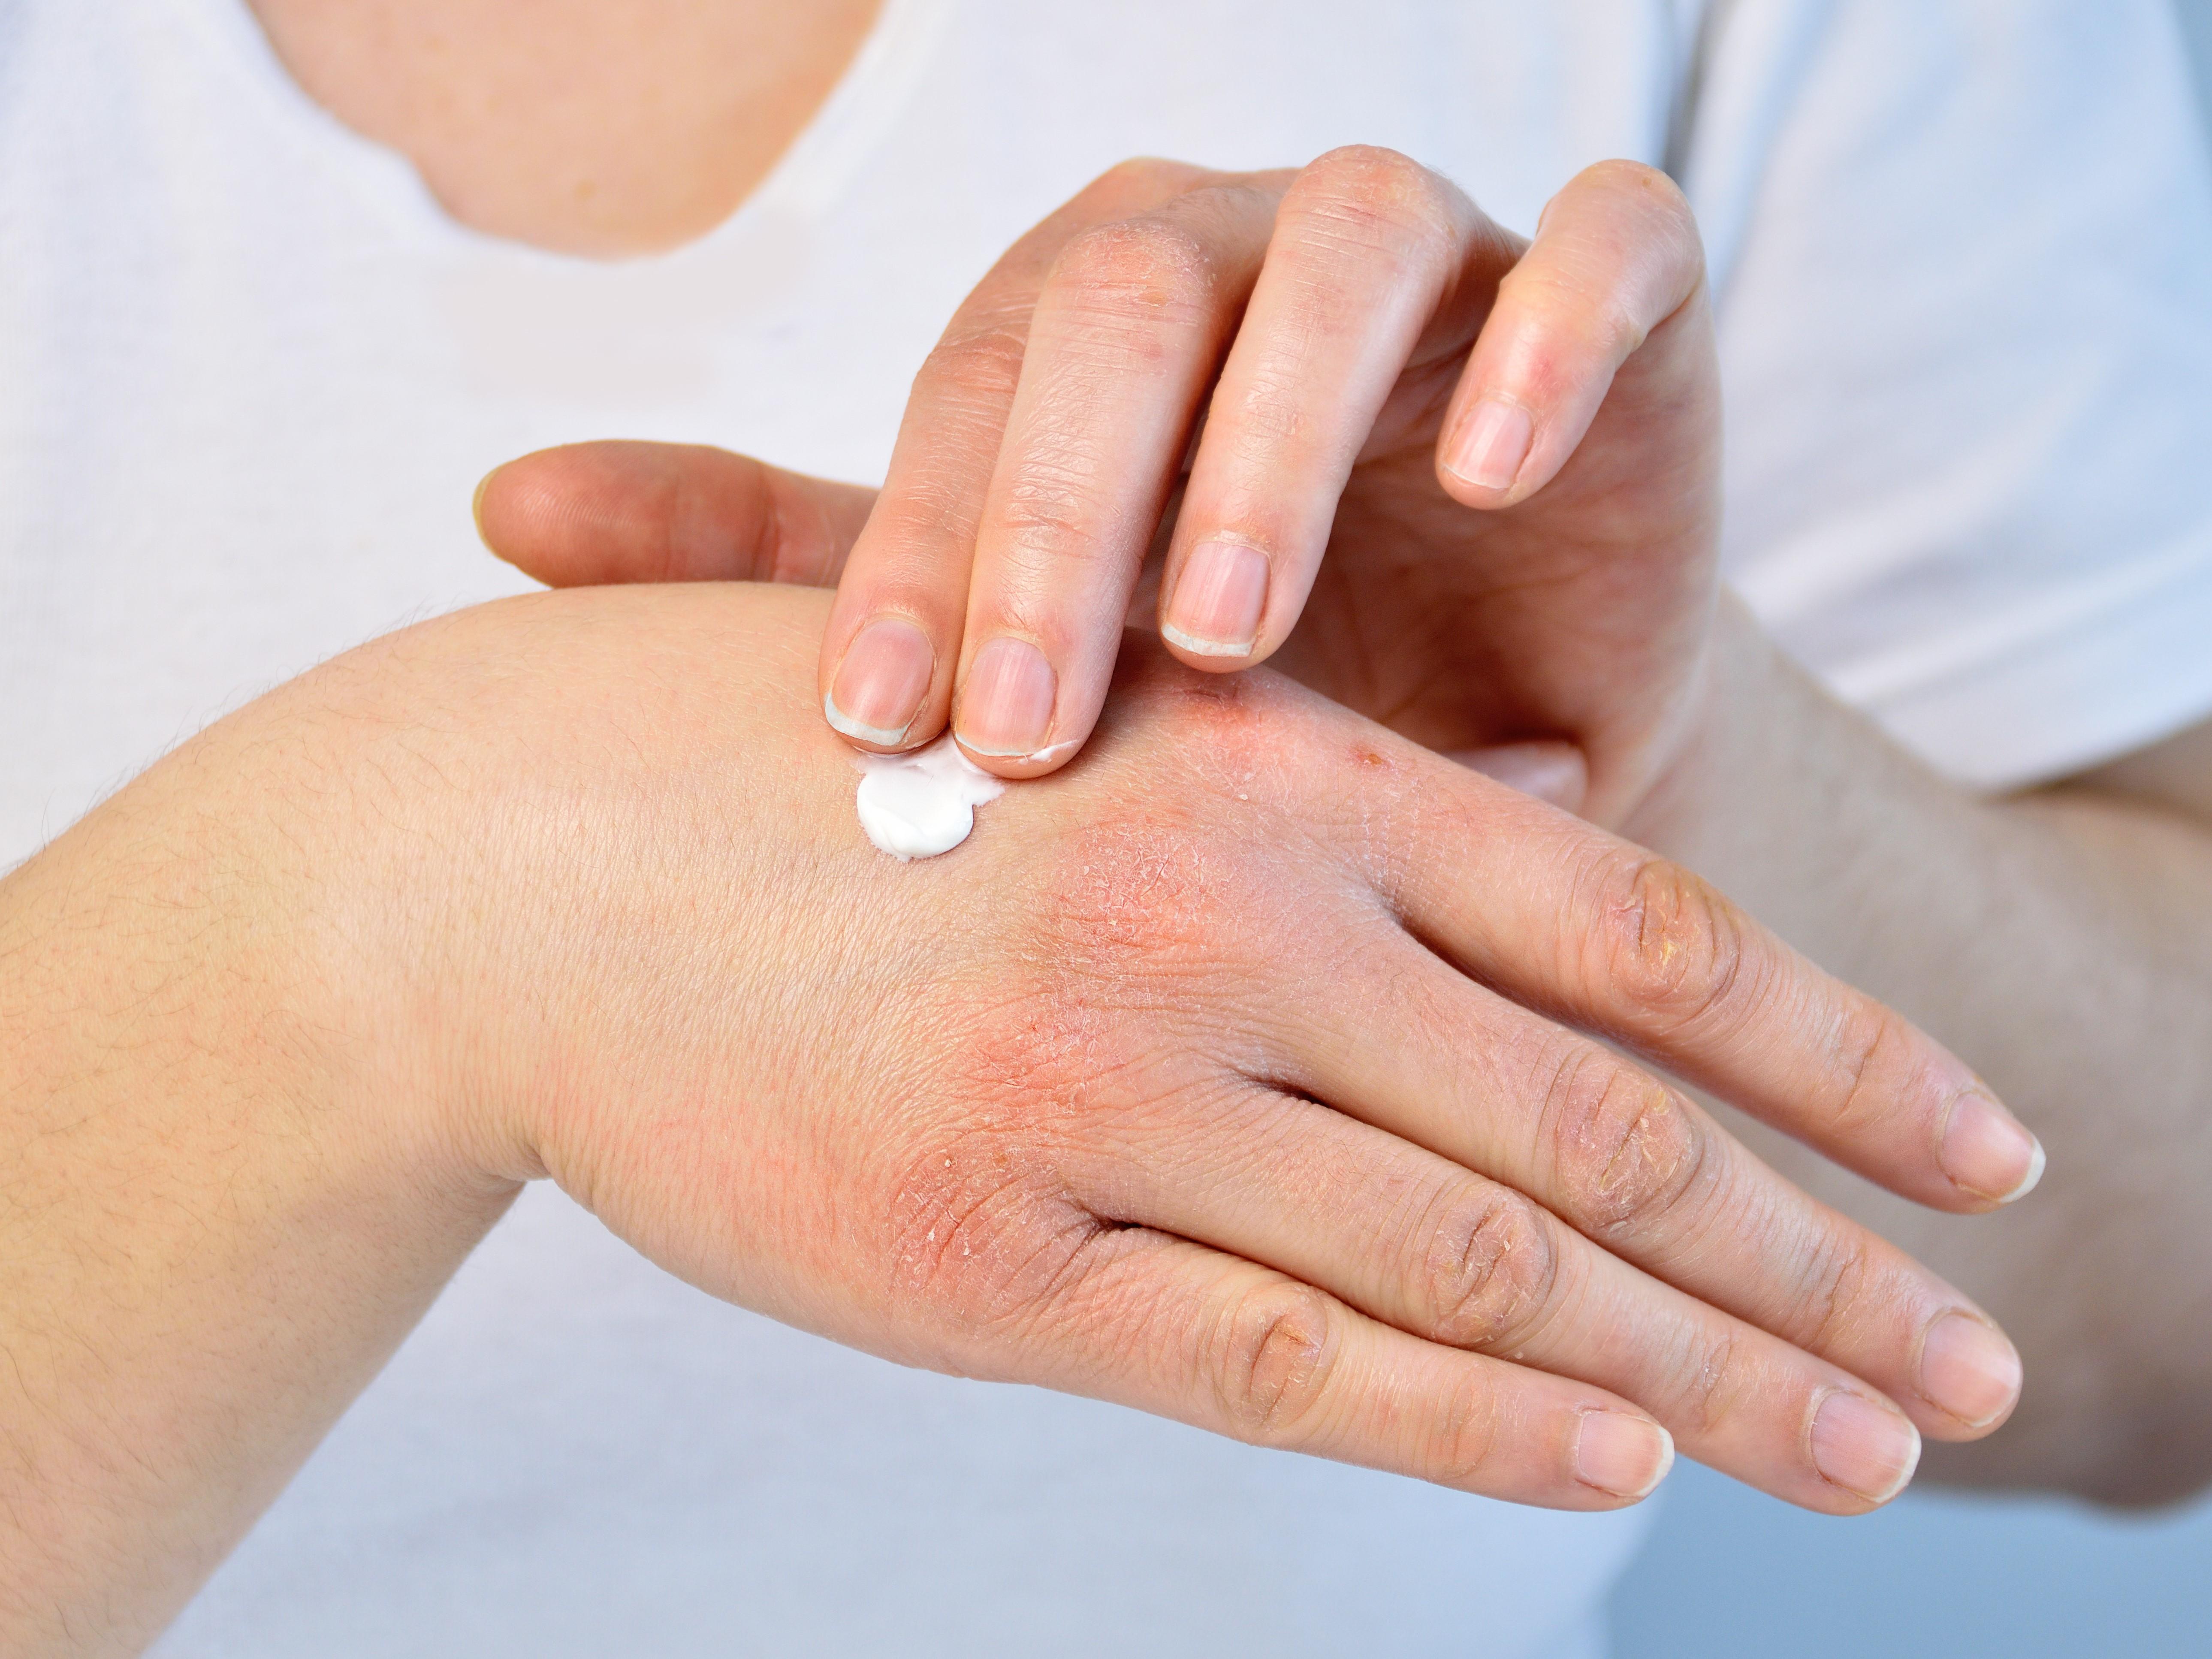 が の 付け根 指 痛い の 手